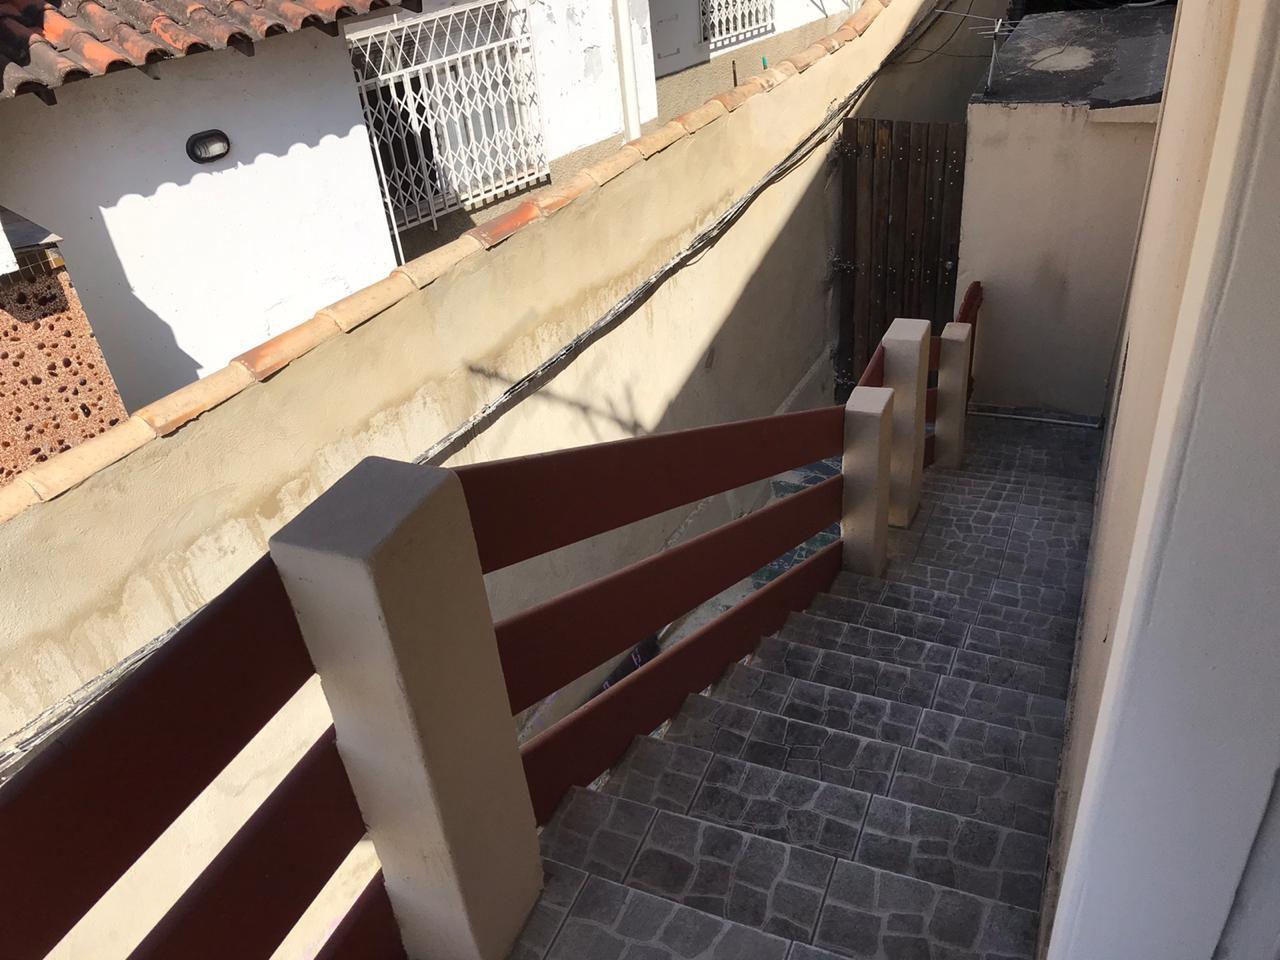 FOTO 18 - Casa à venda Rua Quiririm,Vila Valqueire, Rio de Janeiro - R$ 320.000 - RF274 - 19